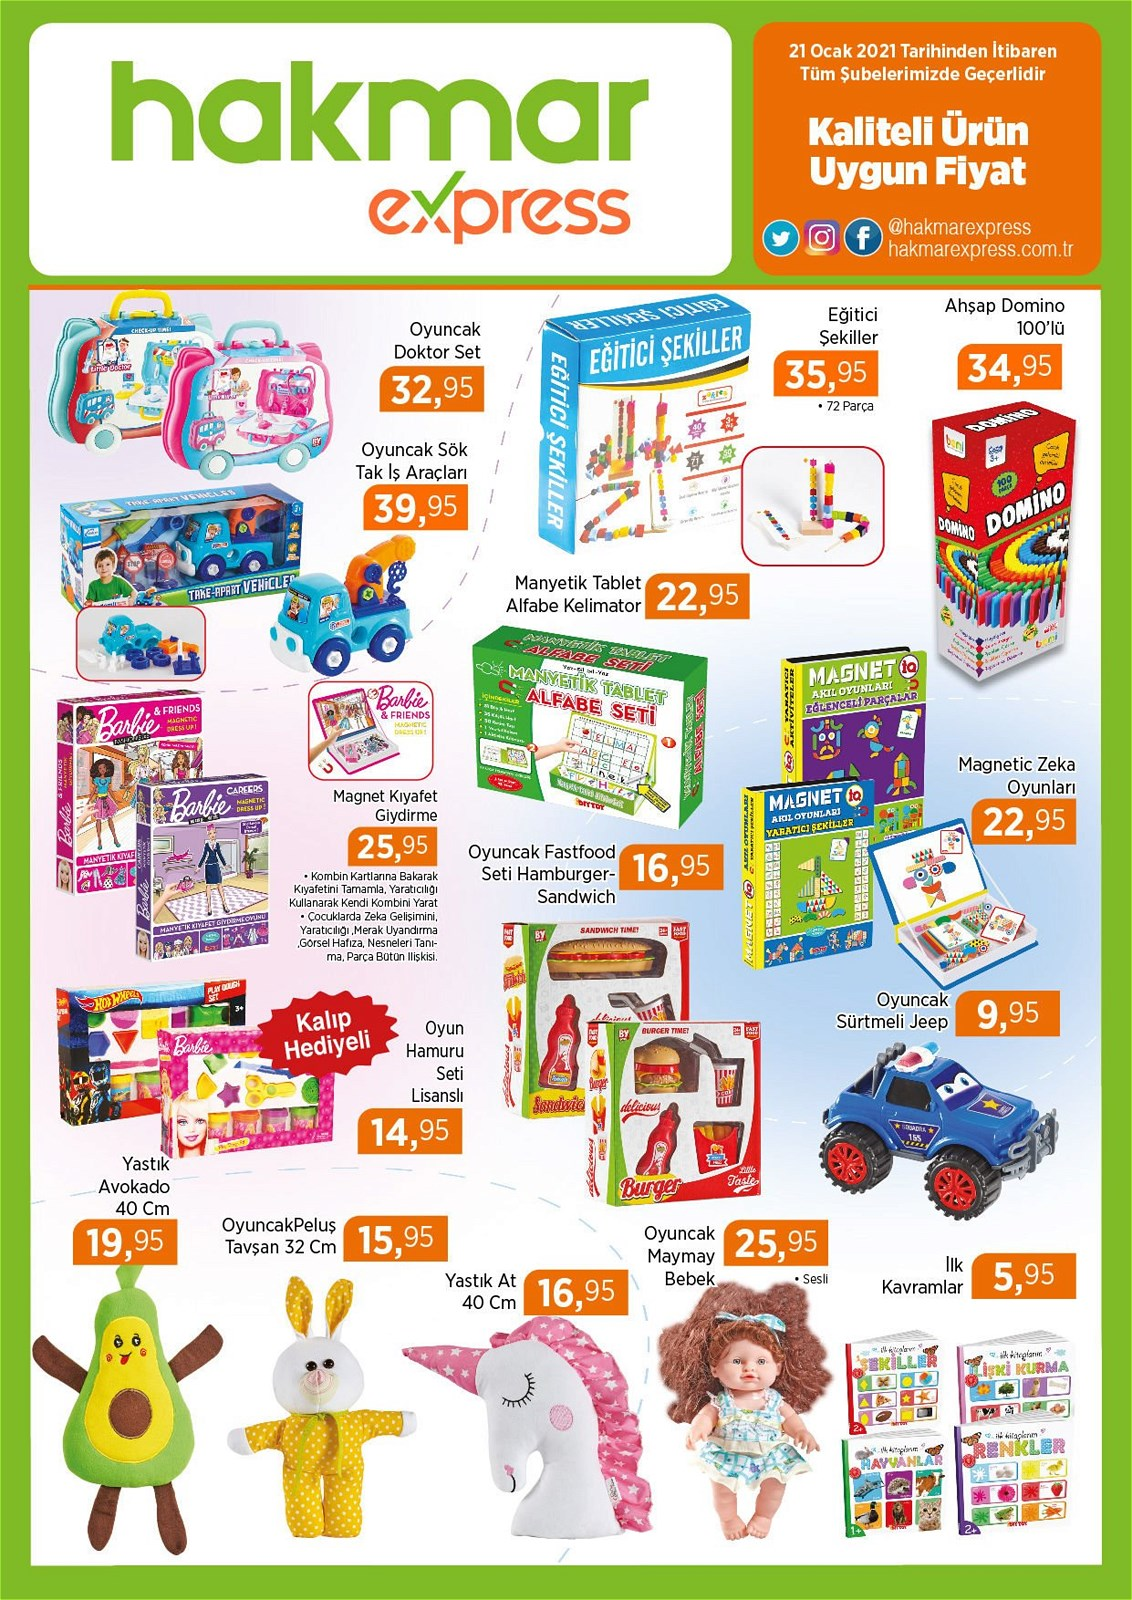 21.01.2021 Hakmar Express broşürü 5. sayfa